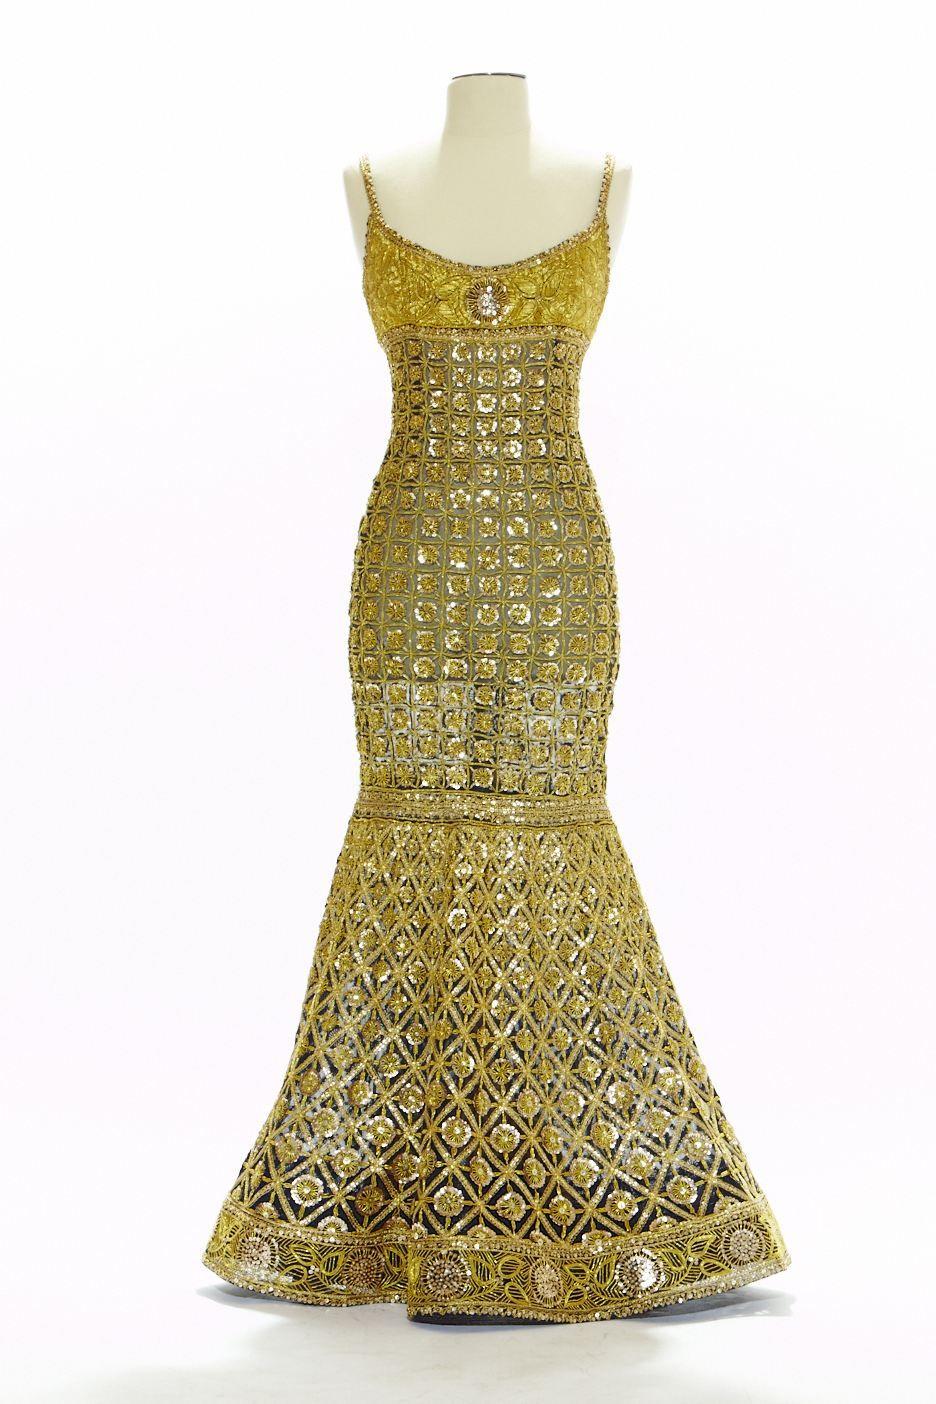 7825ba9c72ca75 KARL LAGERFELD GOLD COROMANDEL DRESS DONATION BY MOUNA AYOUB TO THE MUSEE  DE LA MODE ET DES ARTS DECORATIFS PARIS